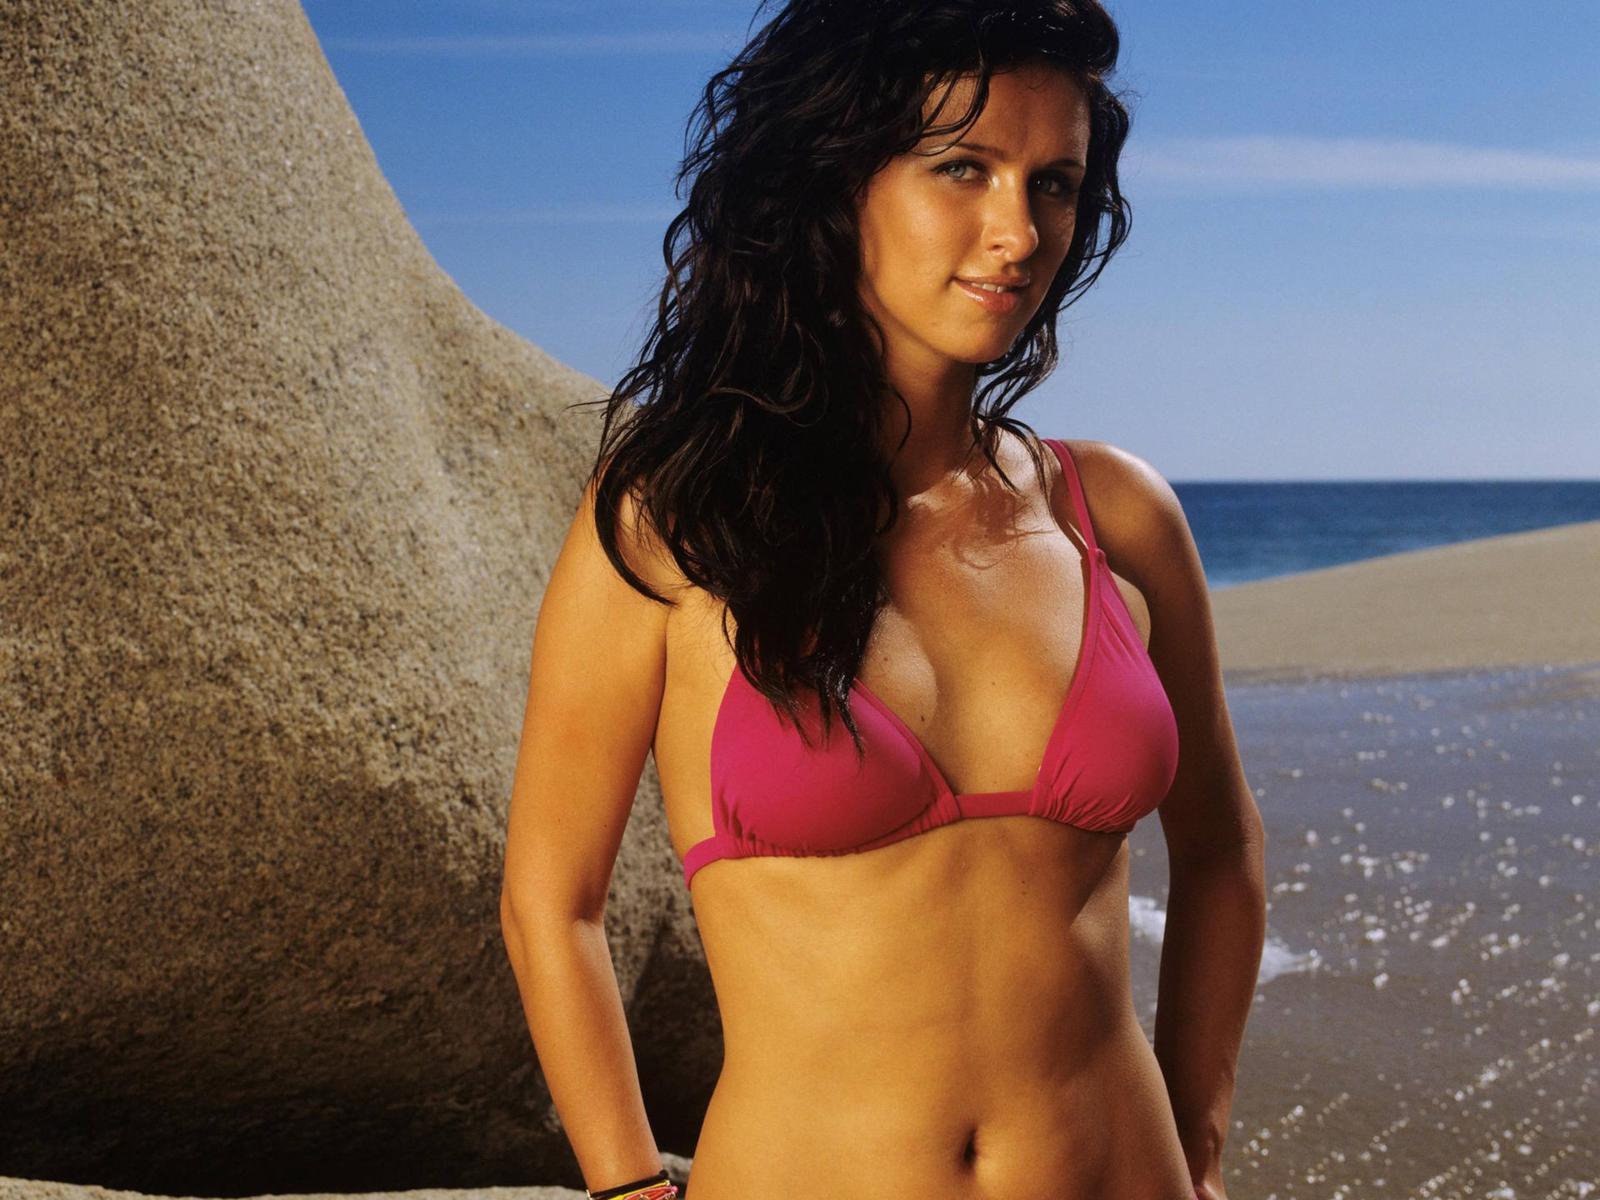 http://3.bp.blogspot.com/_gRl1tLJOW7Q/TLfd0uAHp_I/AAAAAAAABMI/uRuF_YvWqR0/s1600/nicky_hilton_bikini_desktop_wallpaper_47594_raj.jpg